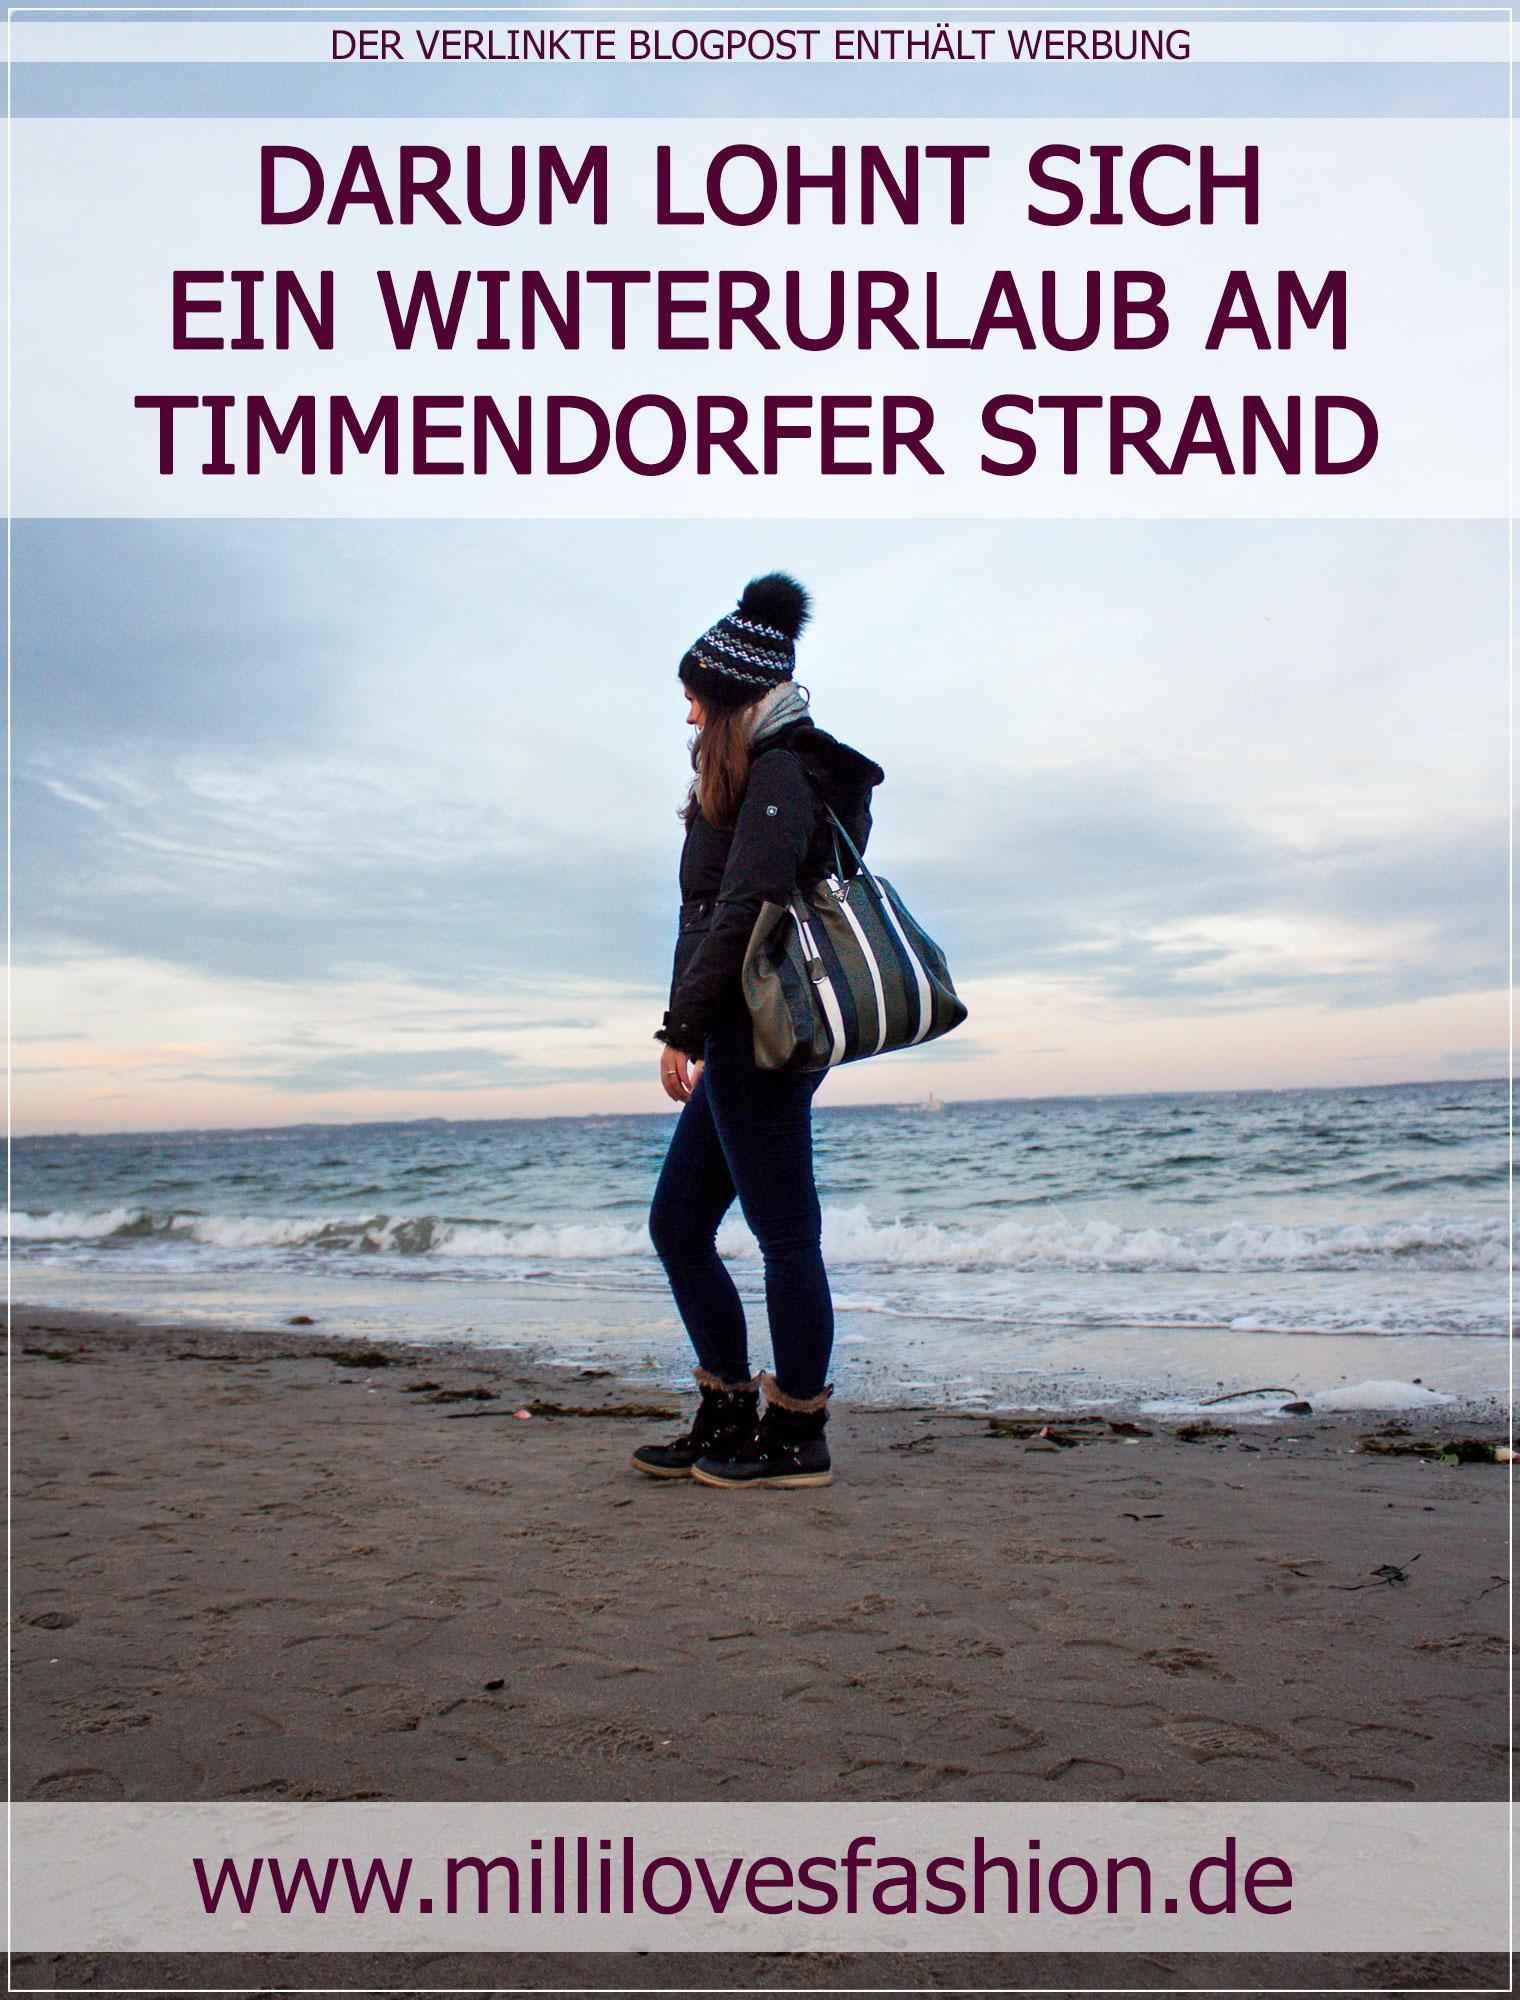 Timmendorfer Strand, Winterurlaub, Ostsee, Wochenendtrip, Niendorf, Lübecker Bucht, Urlaub in Deutschland, Urlaub an der Ostsee, Bloggerin, Ruhrgebiet, Reiseblogger